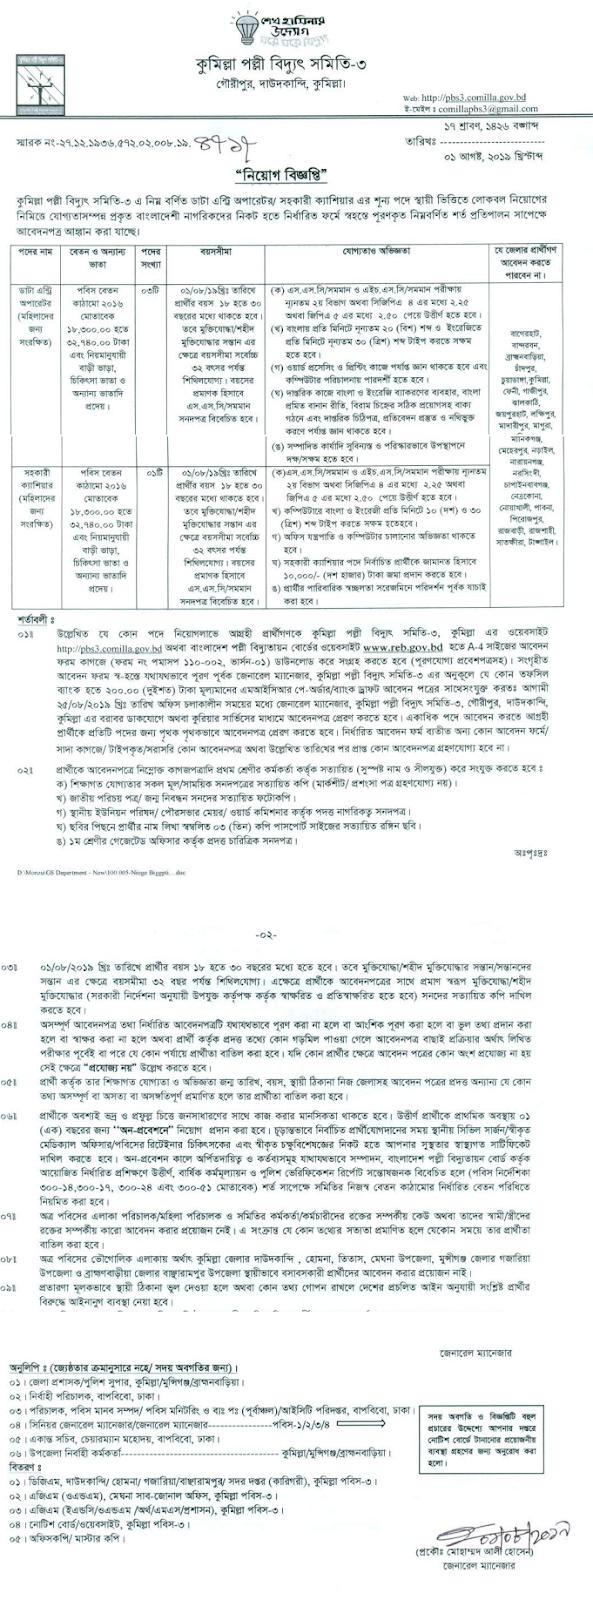 কুমিল্লা পল্লী বিদ্যুৎ নিয়োগ বিজ্ঞপ্তি